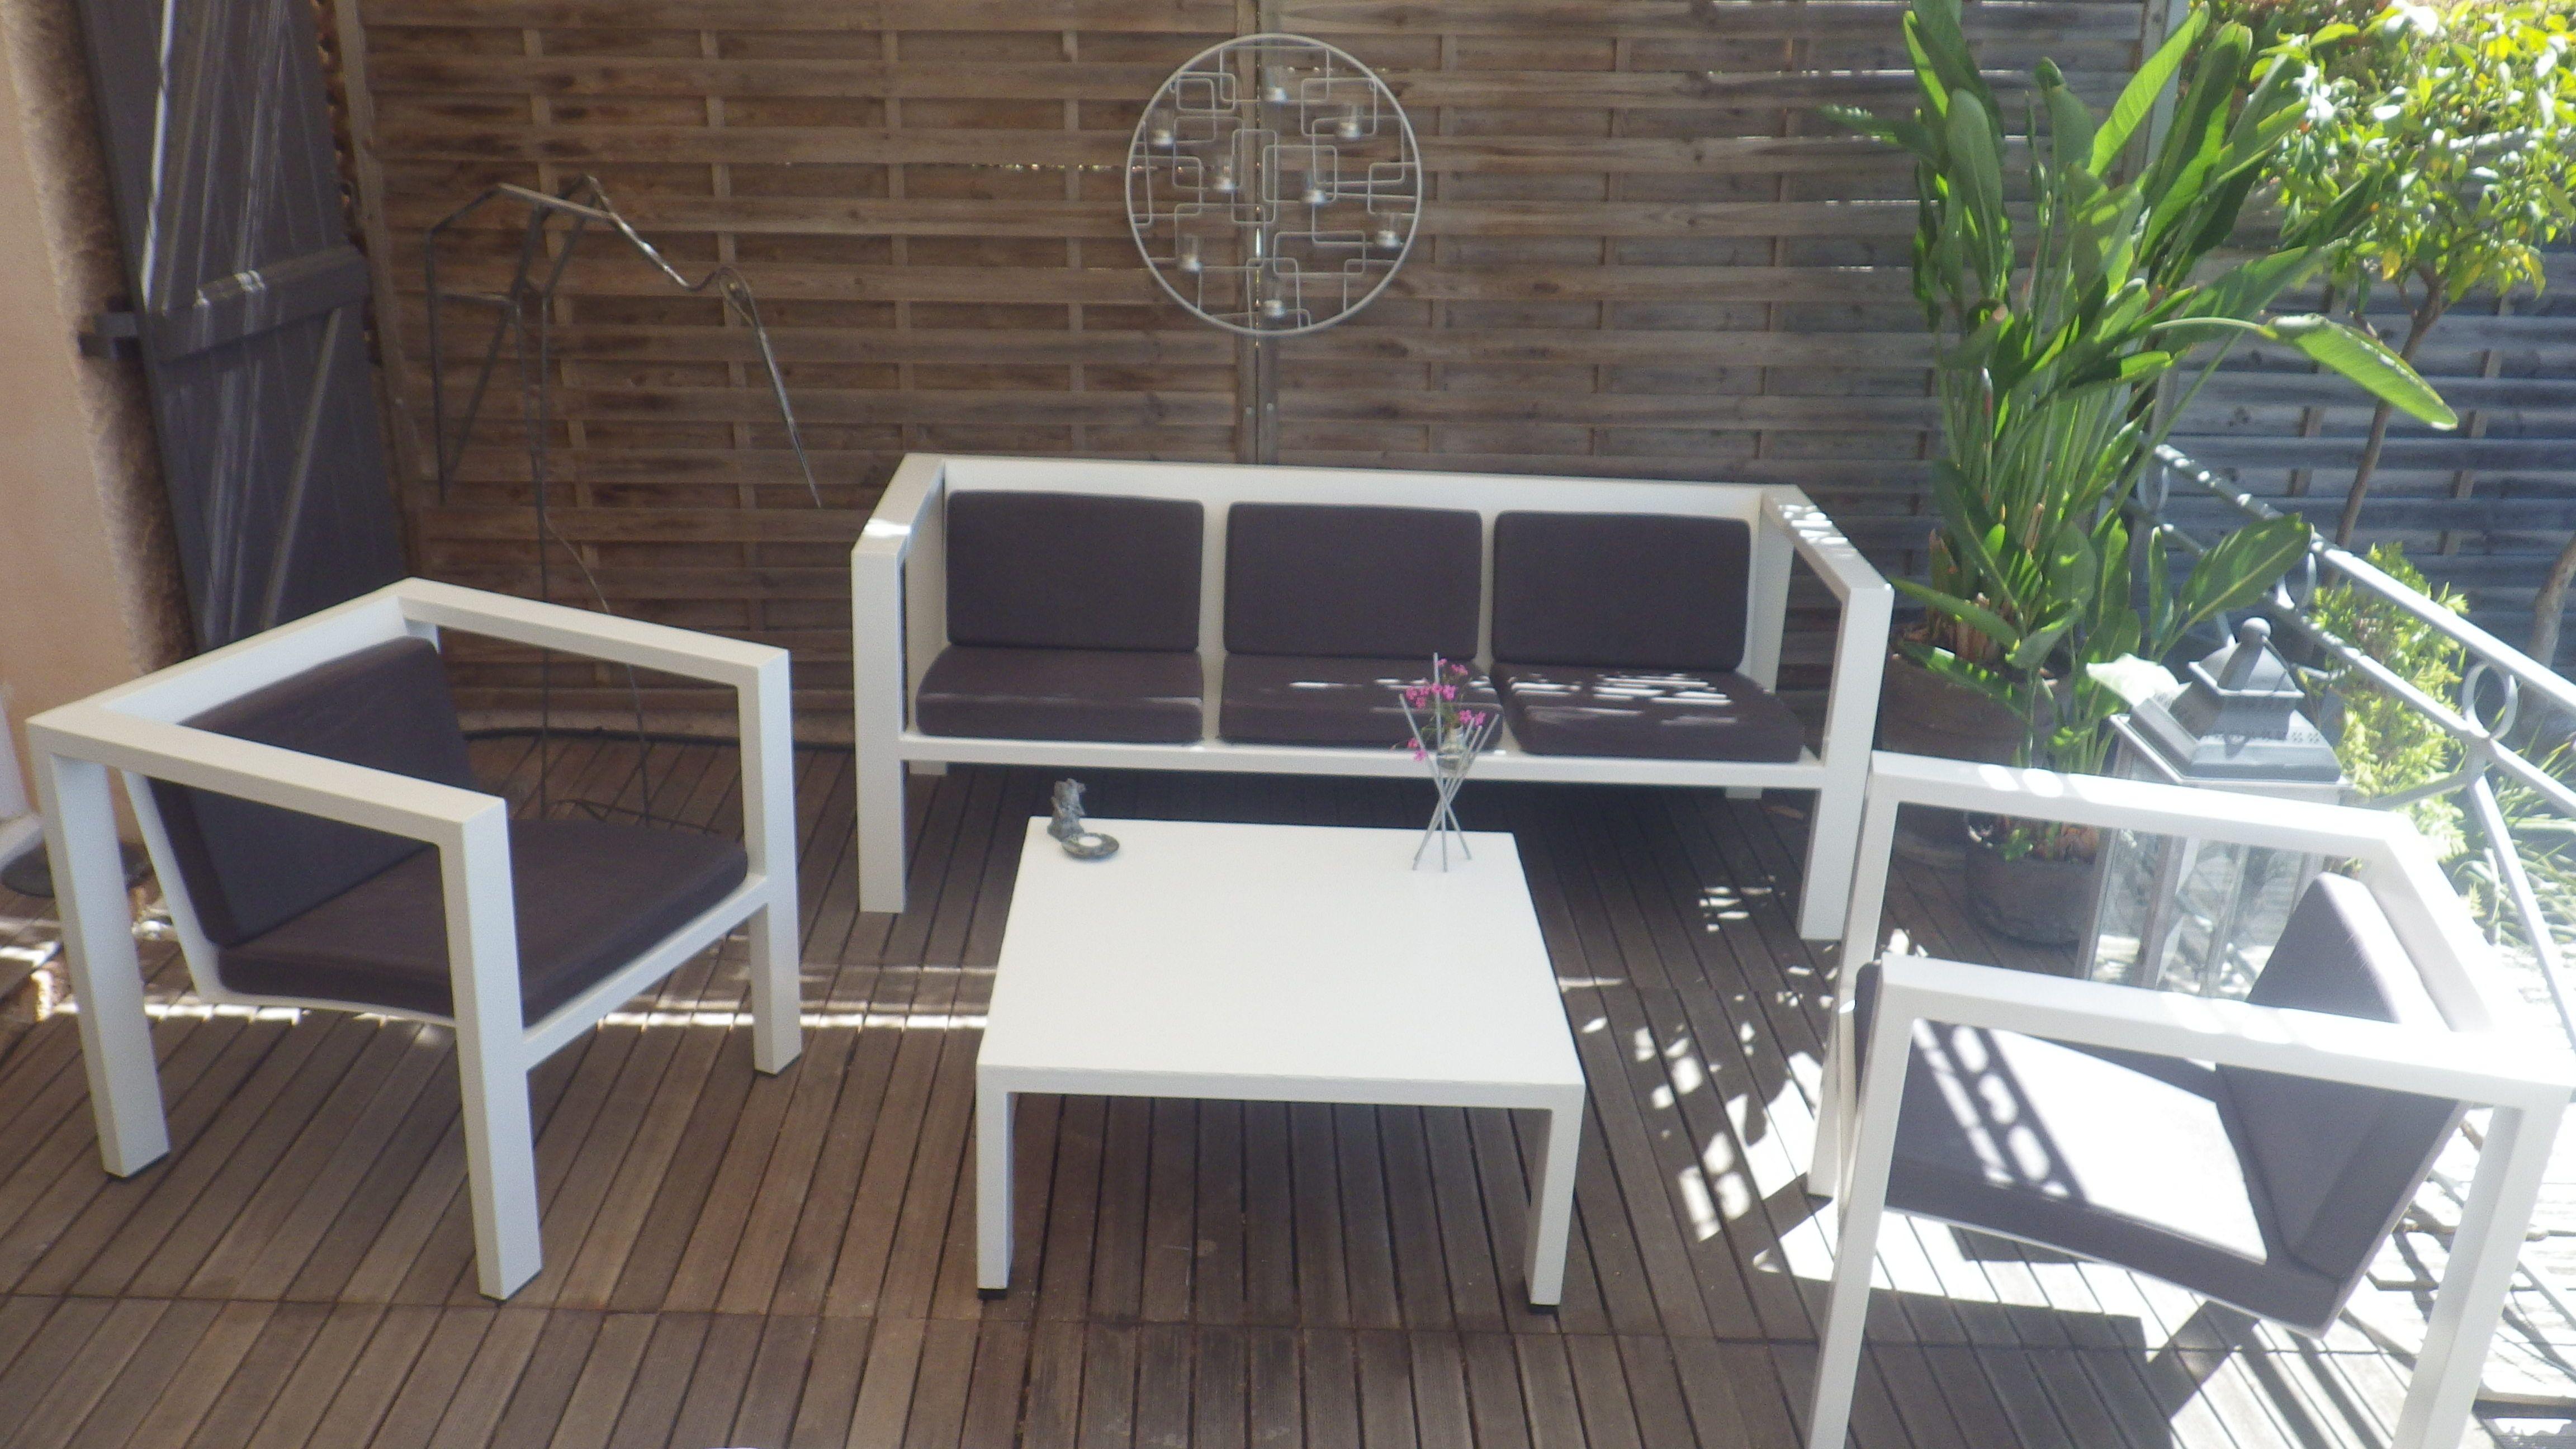 salon de jardin acier blanc designacier.com | Meubles design | Salon ...